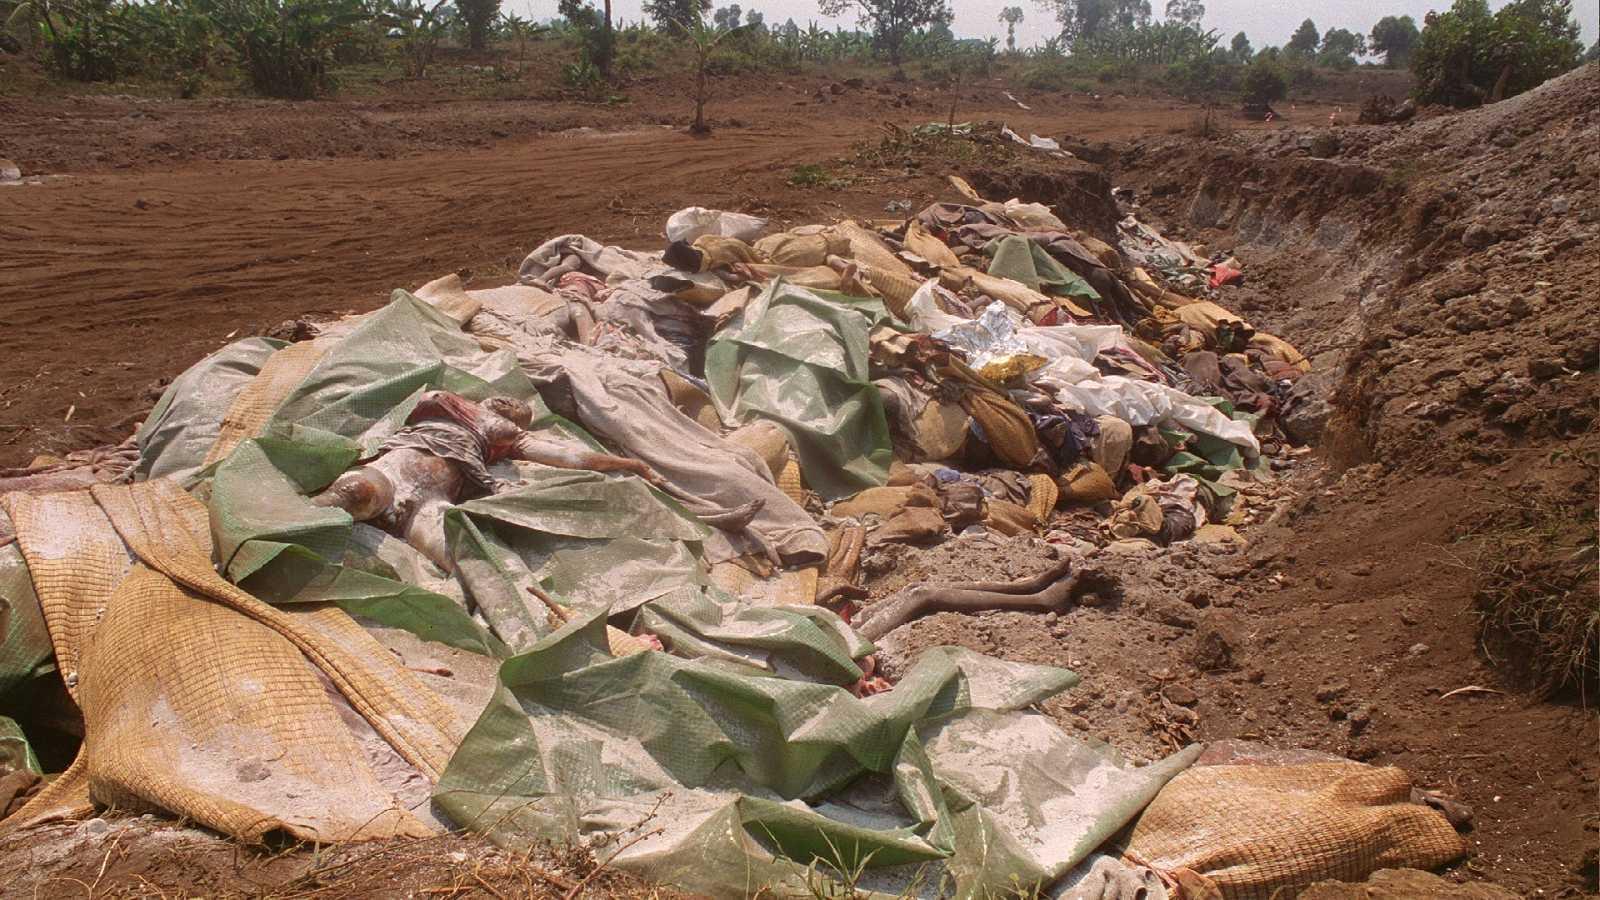 Canal Europa - Genocidios europeos en África - 01/06/21 - Escuchar ahora